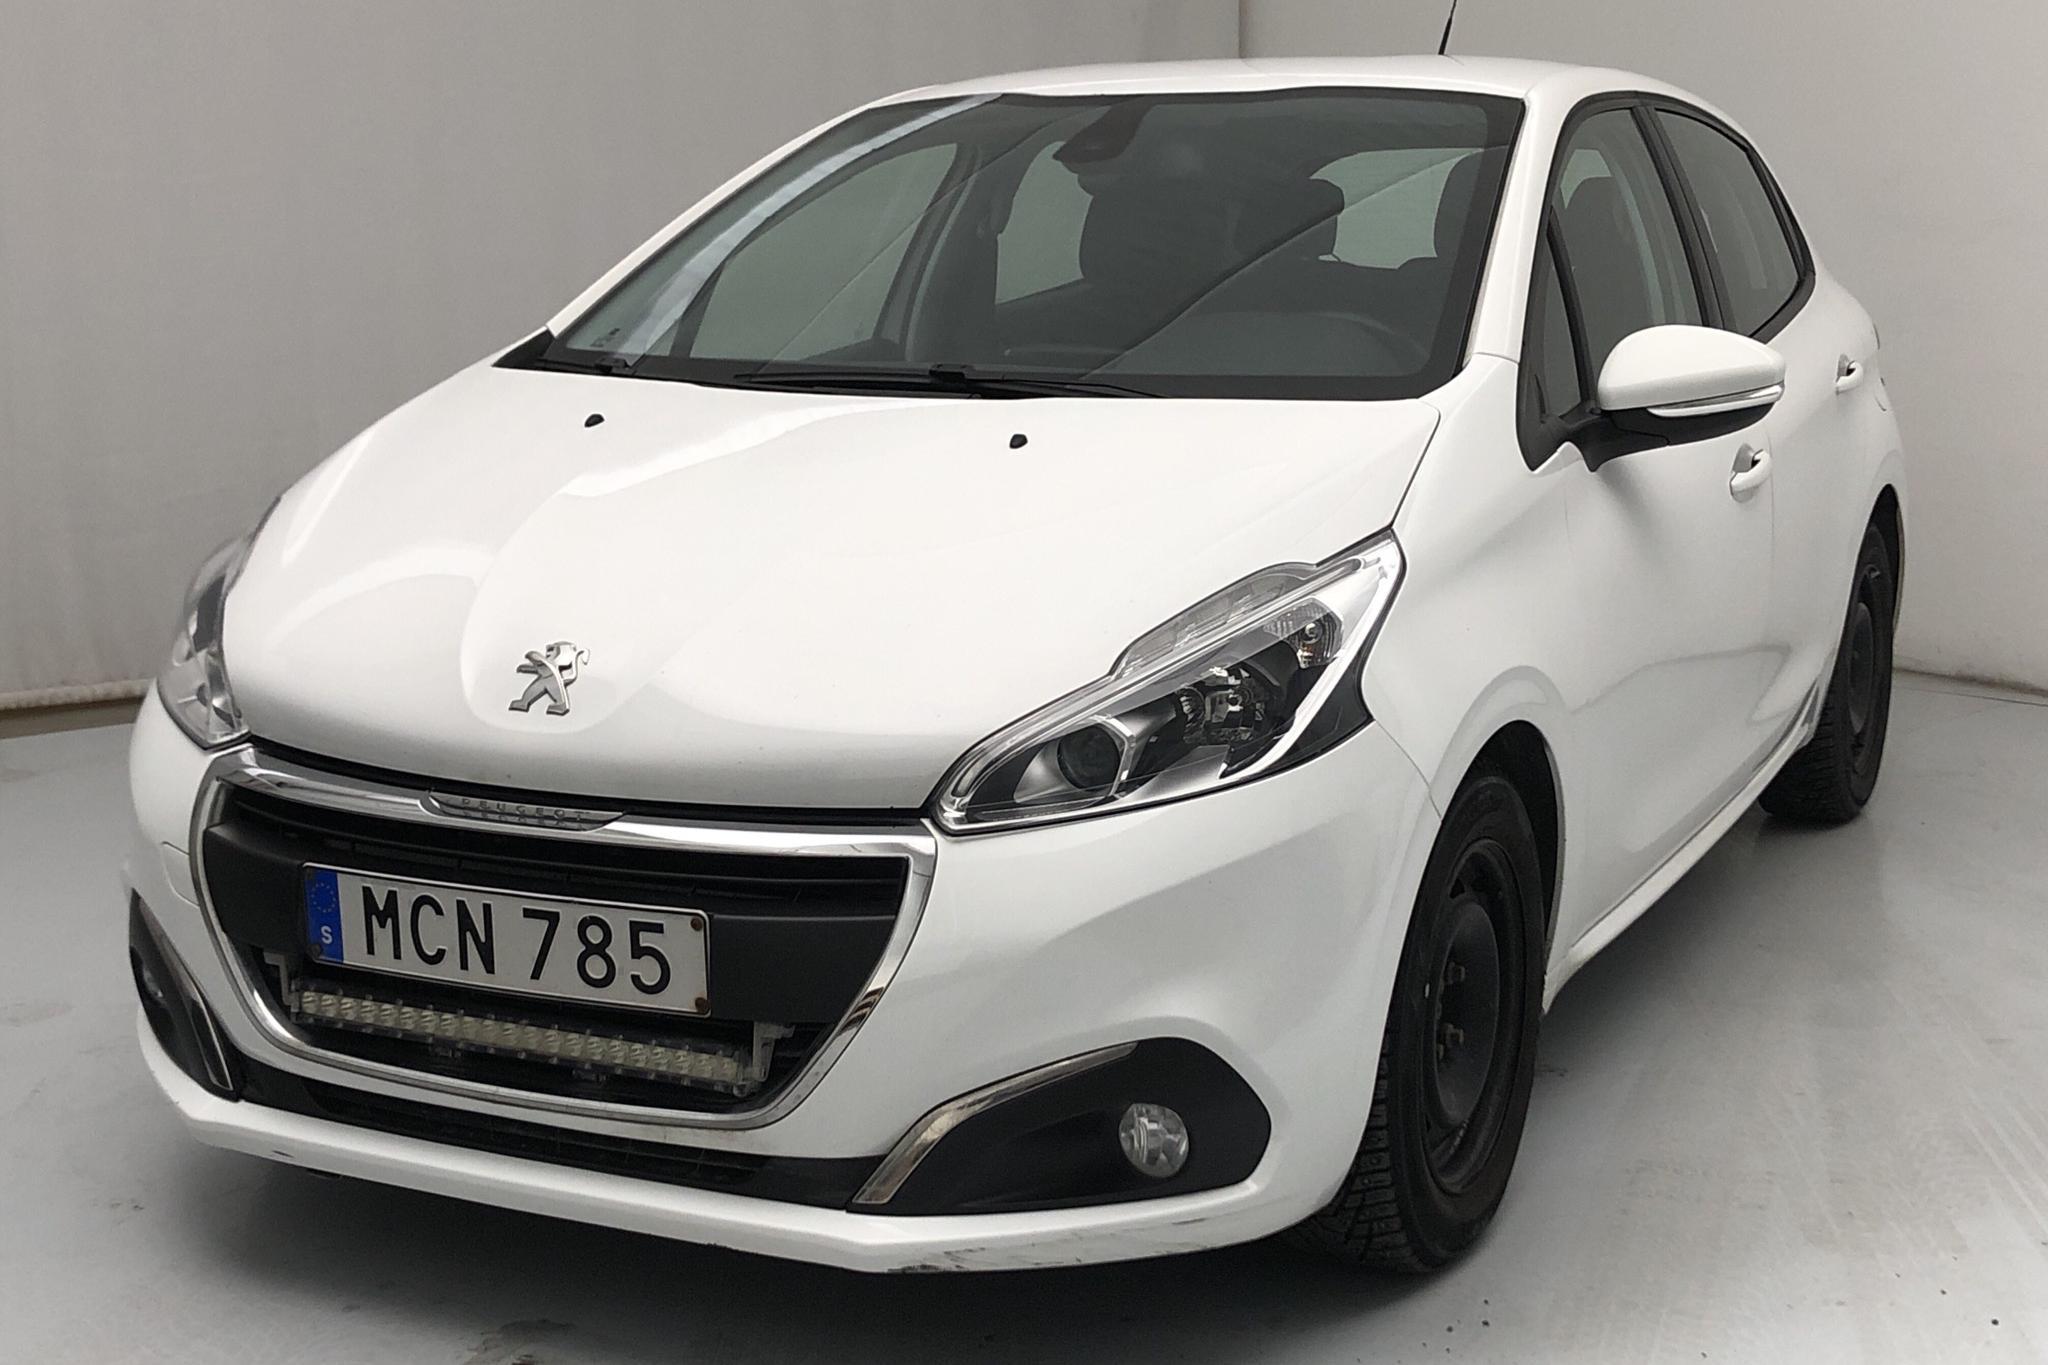 Peugeot 208 BlueHDi 5dr (100hk) - 133 580 km - Manual - white - 2016